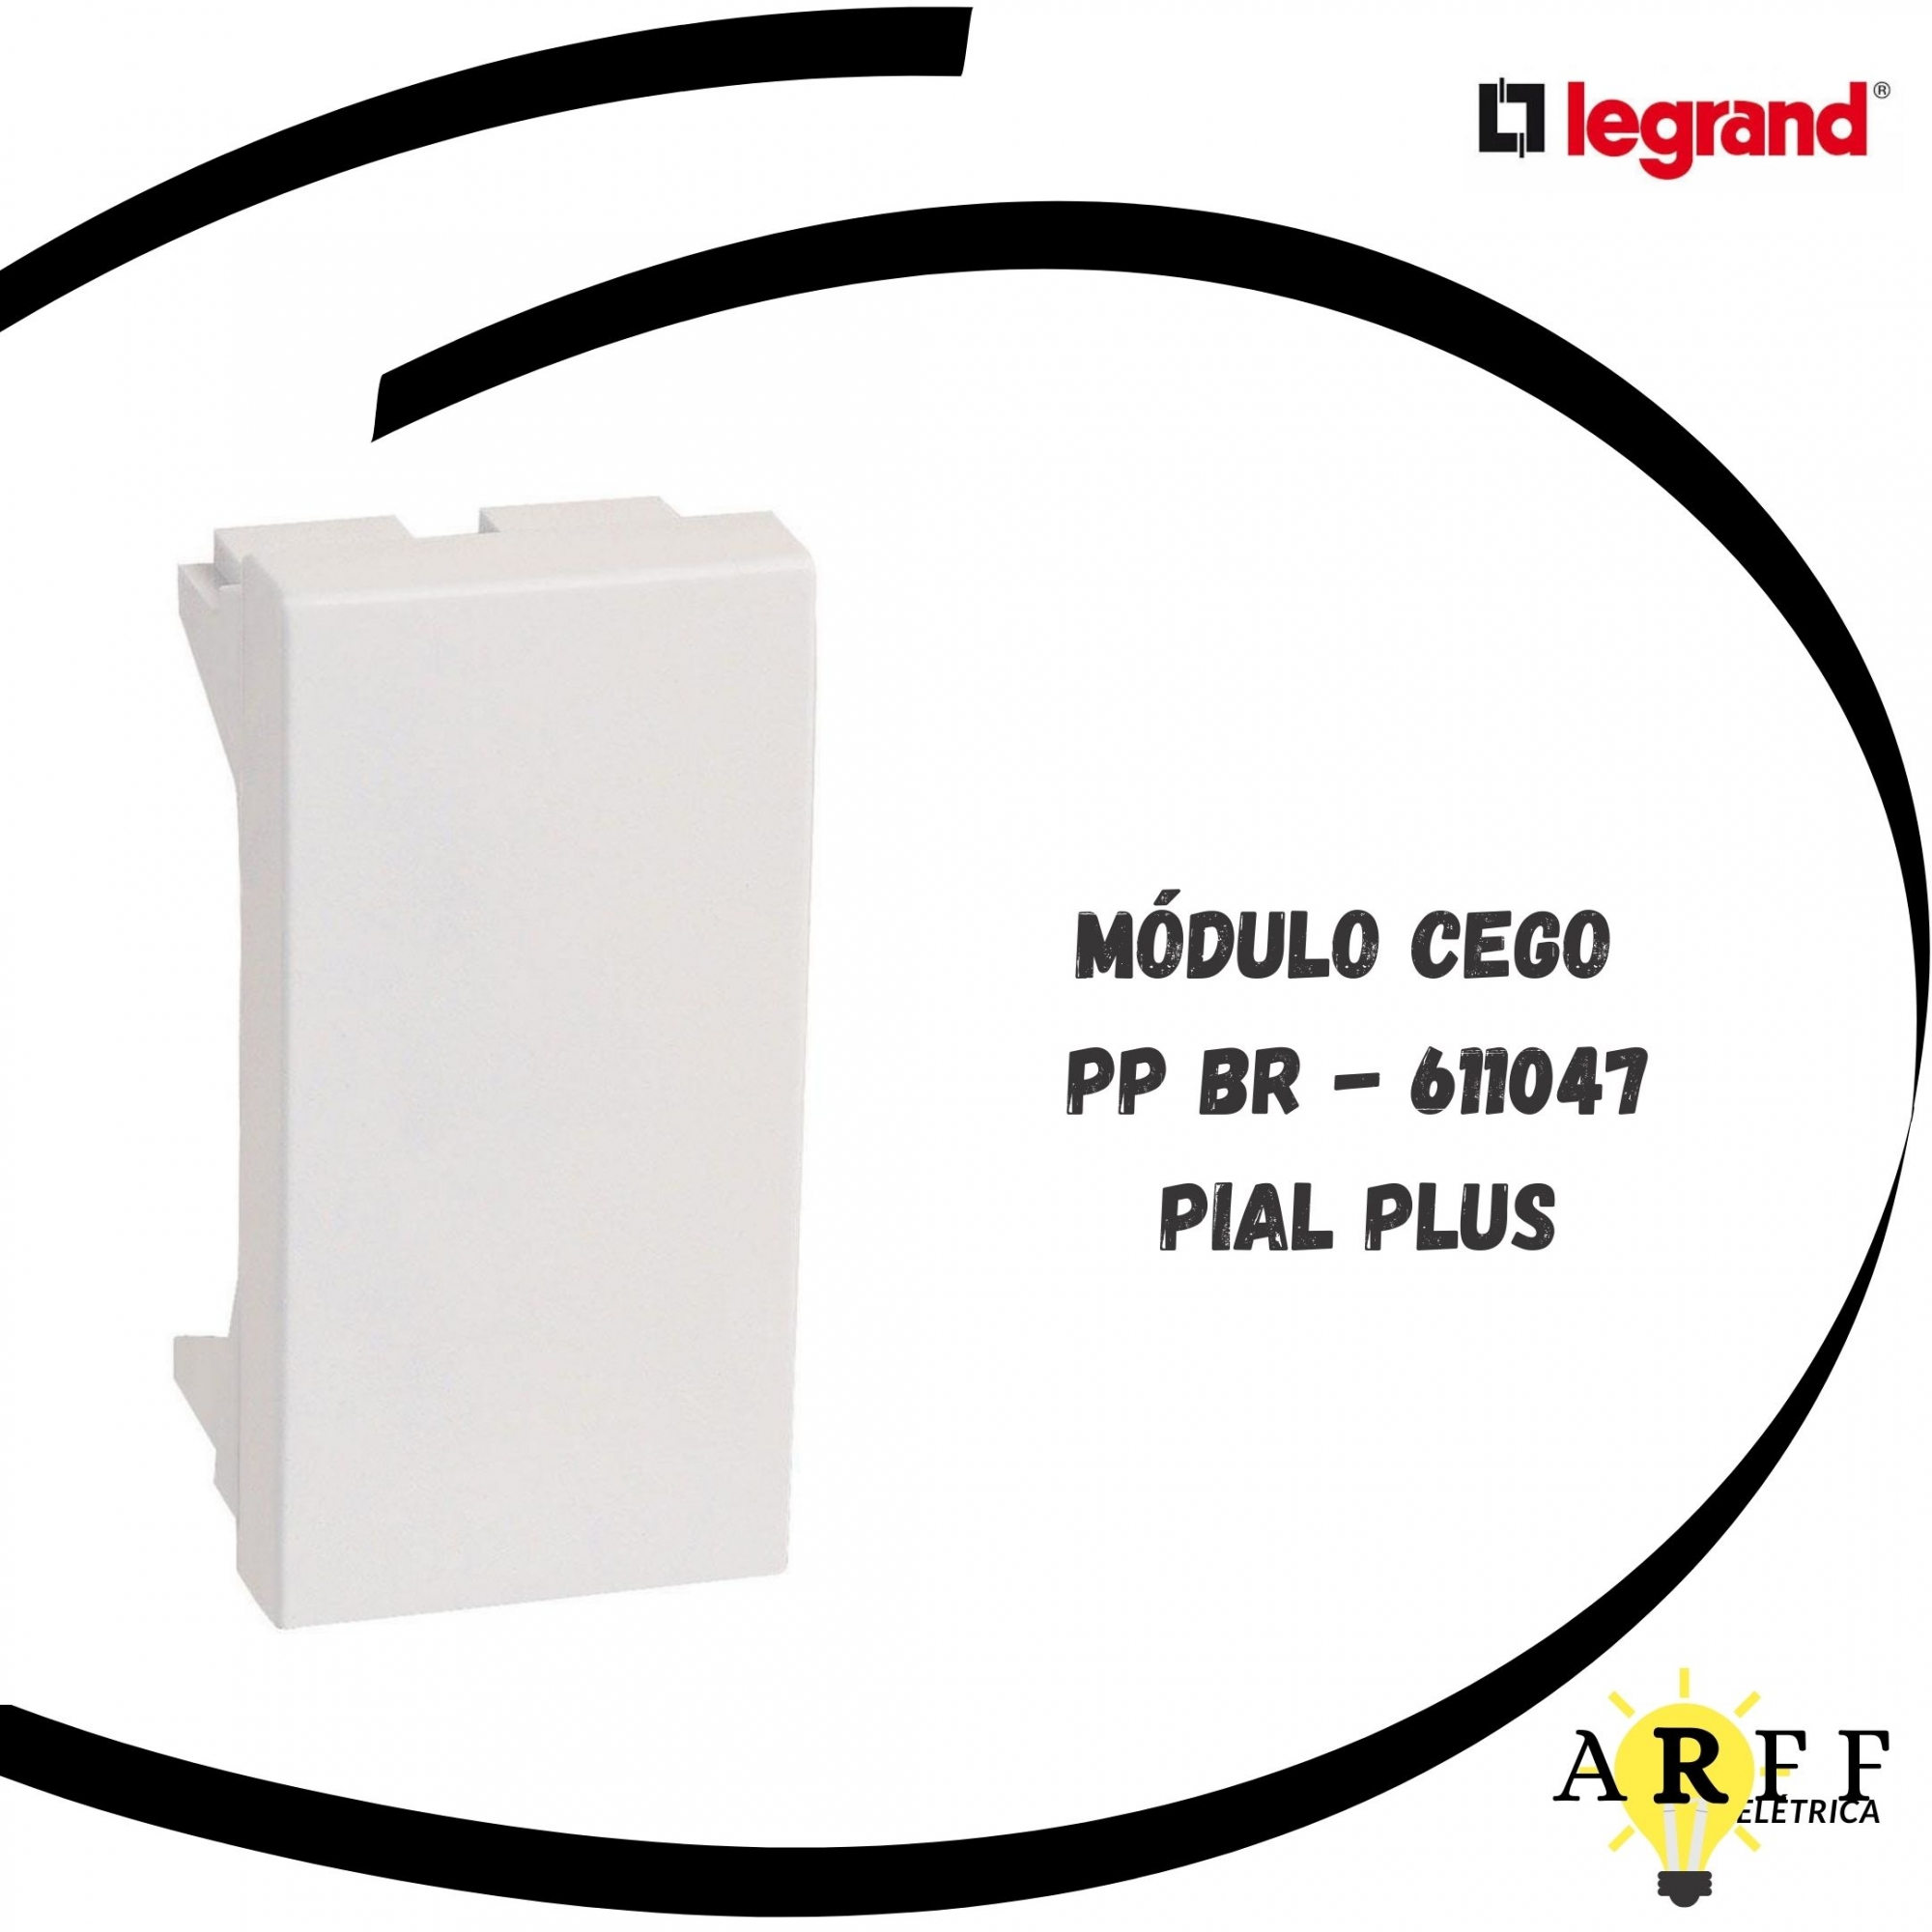 611047  Módulo Cego PP BR Pial Plus LEGRAND